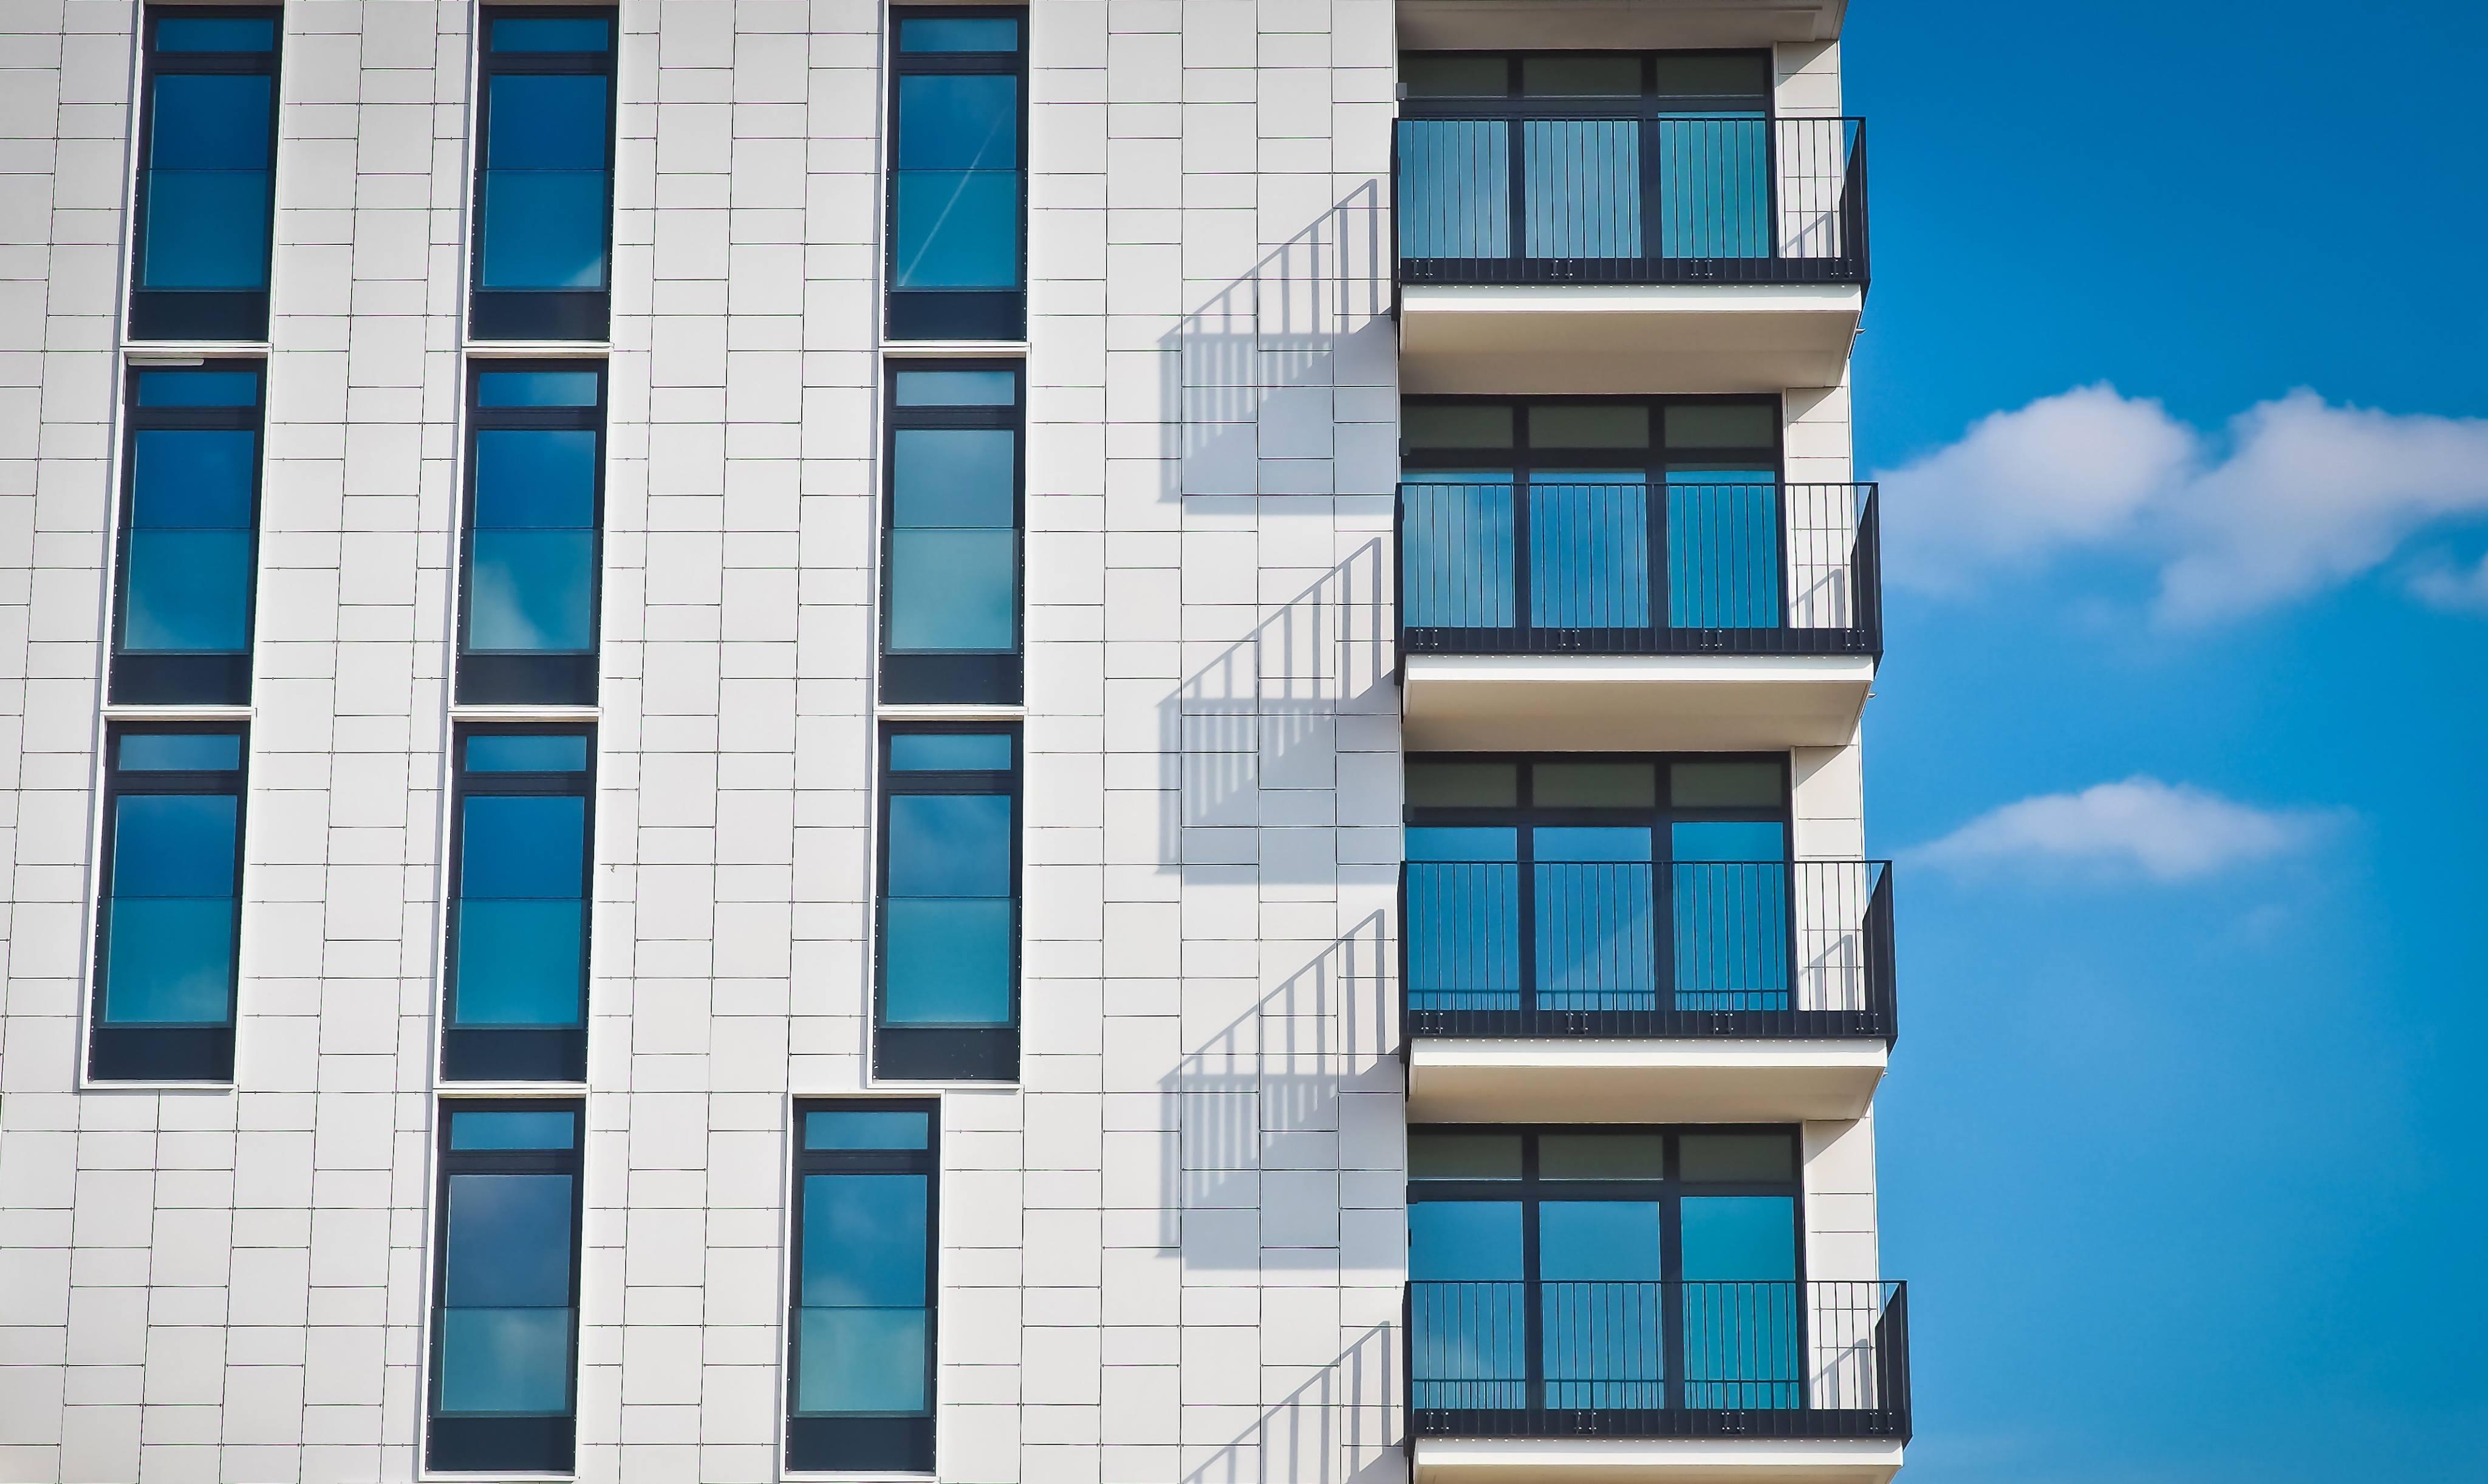 Láminas de protección solar y ahorro energético.